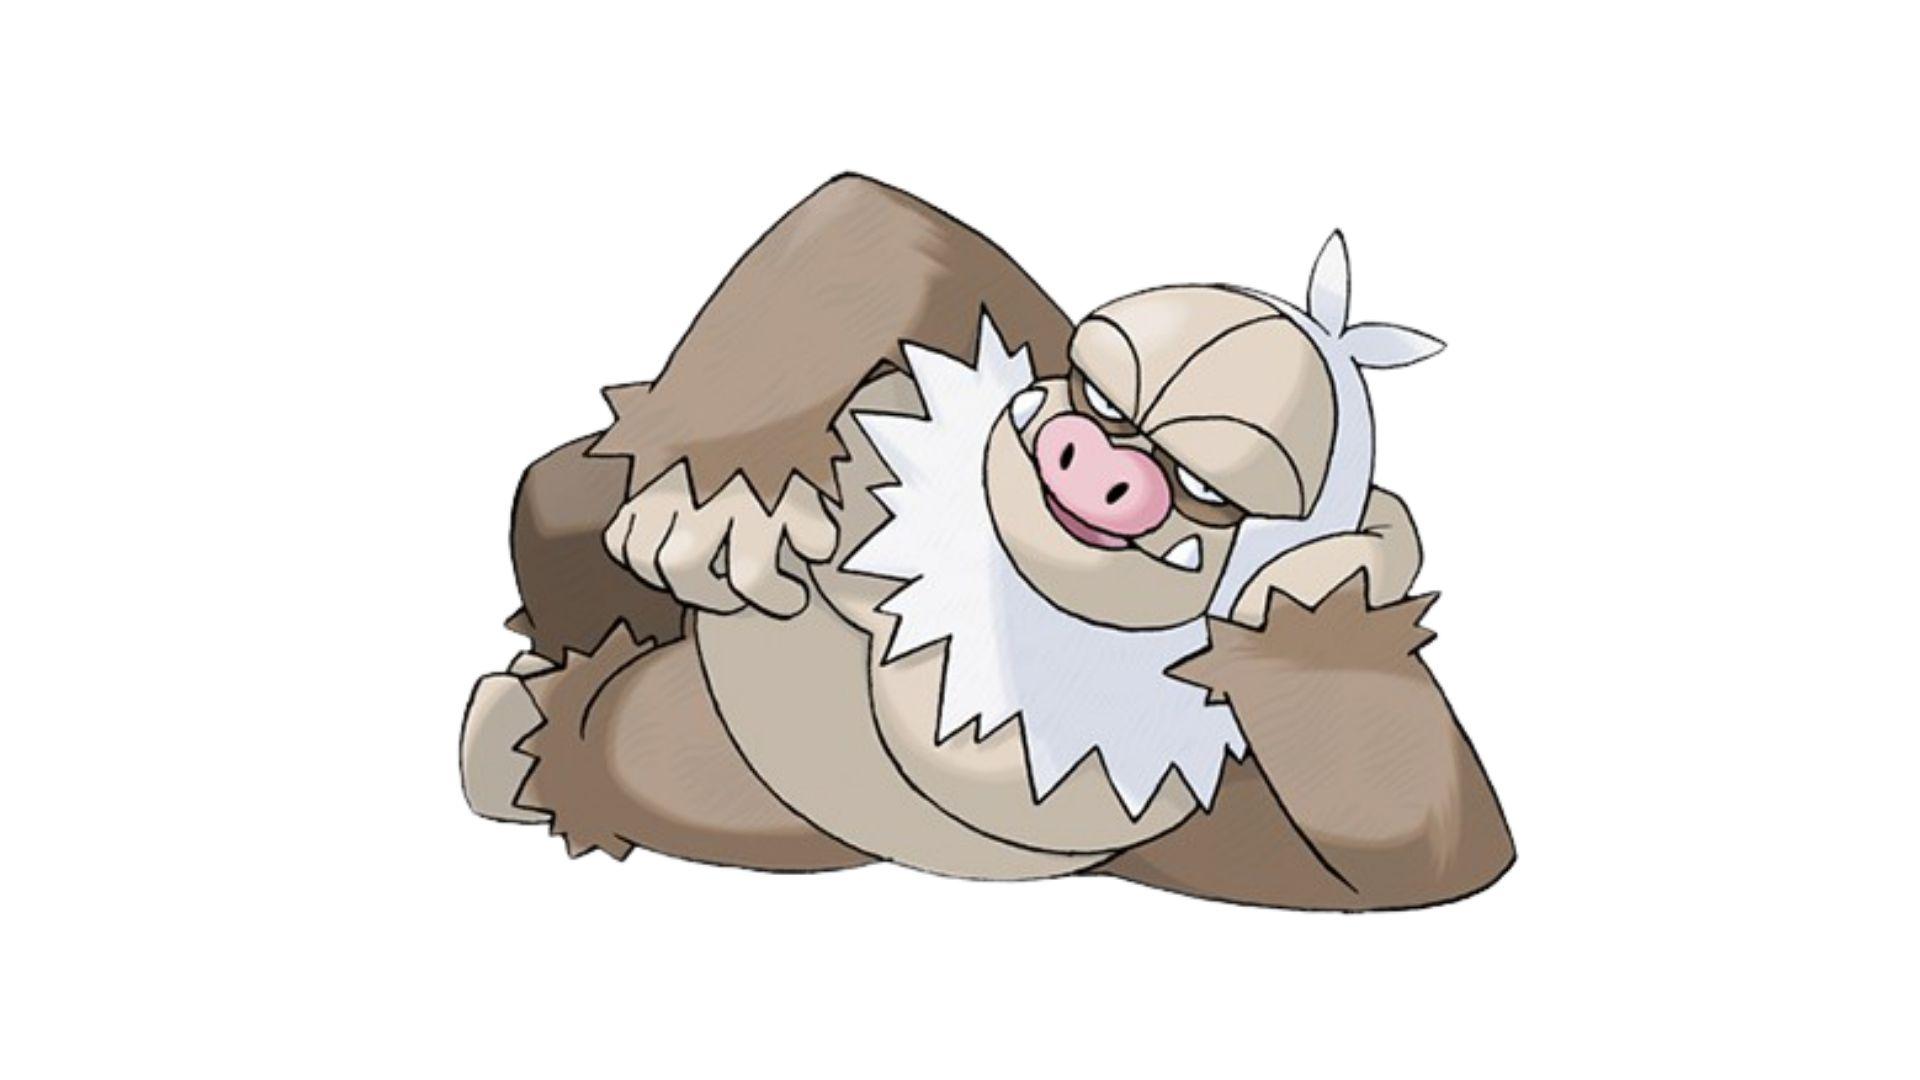 Alto nível de CP faz com que o Slaking esteja entre os pokémons mais fortes dos games (Foto: Divulgação/Pokémon)